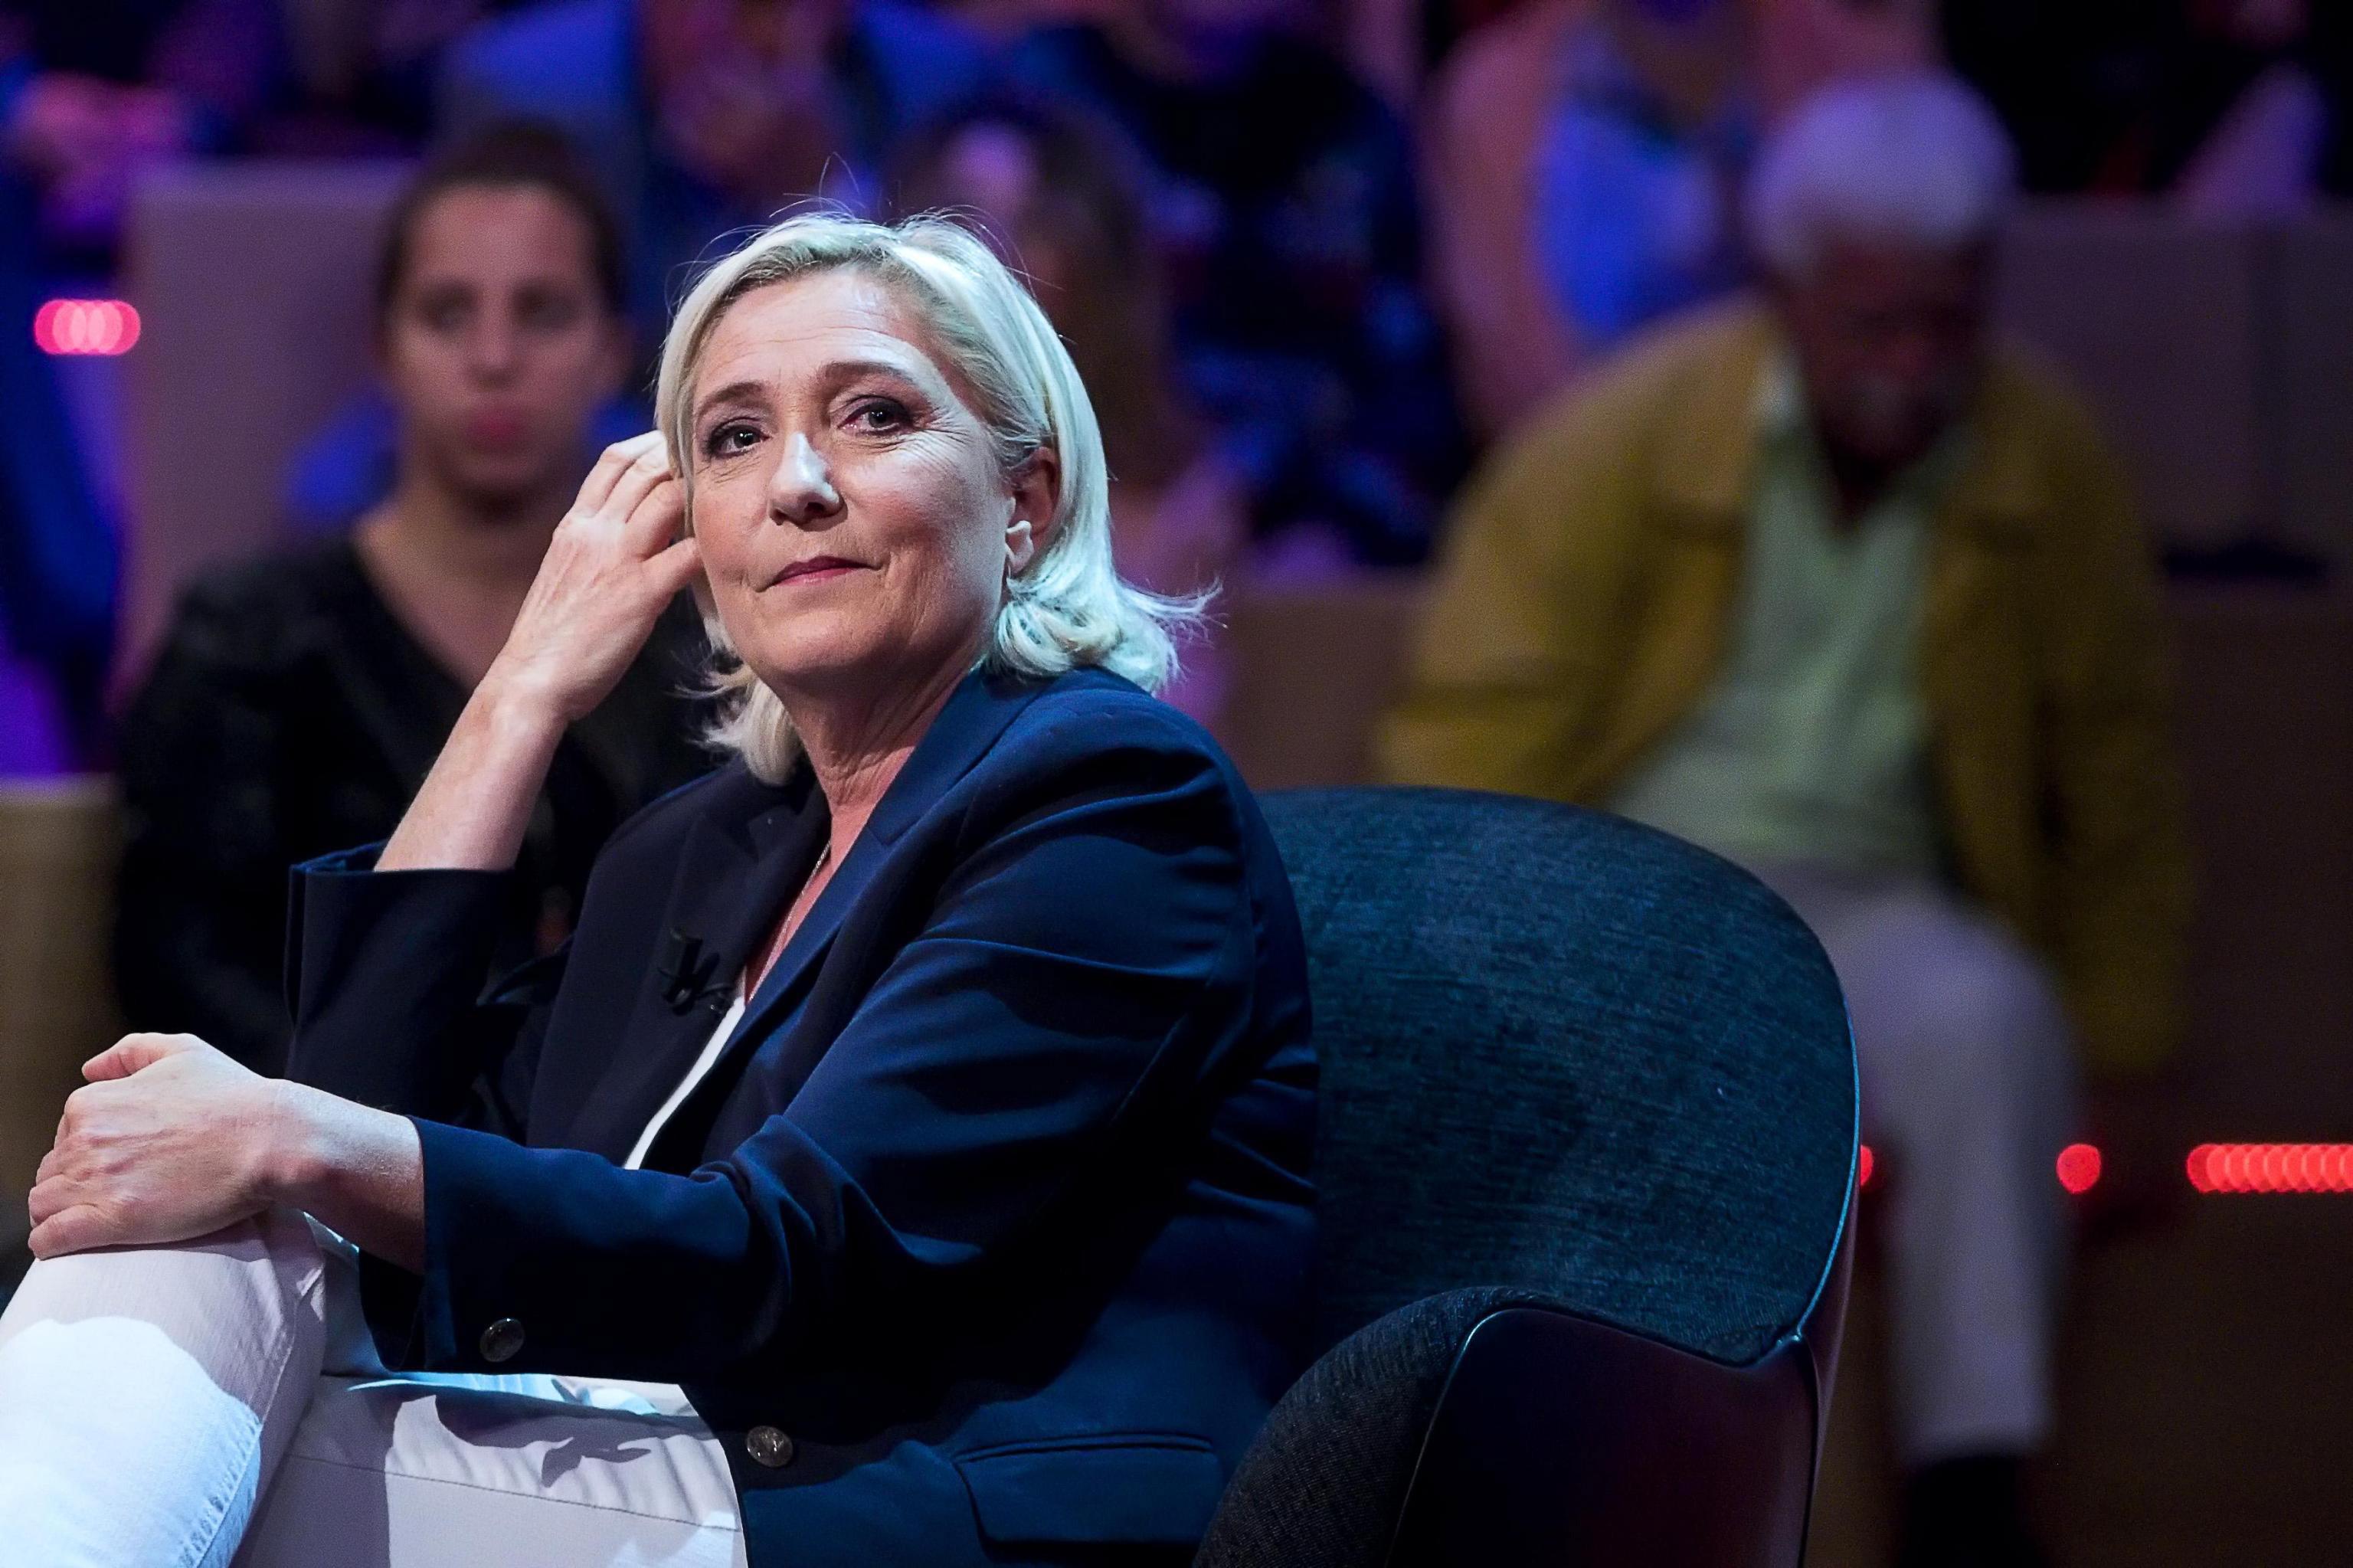 Le Pen acusada de desvio de fundos públicos em contratação fictícia